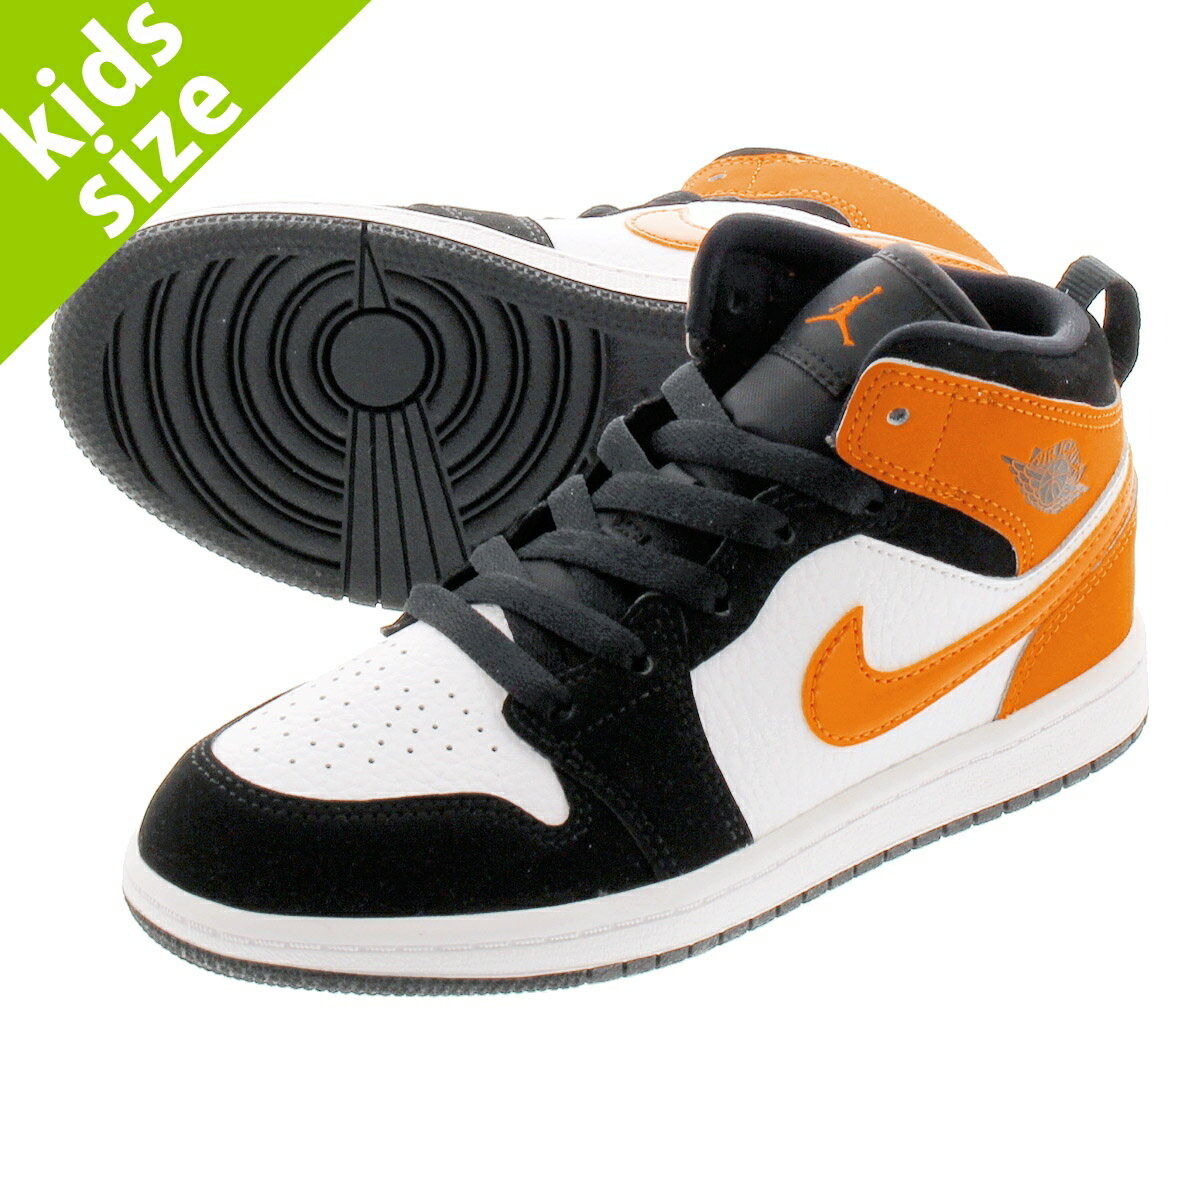 靴, スニーカー 16.022.0cm NIKE AIR JORDAN 1 MID PS SHATTERED BACKBOARD 1 PS BLACKSTARFISHSTARFISHWHITE 640734-058